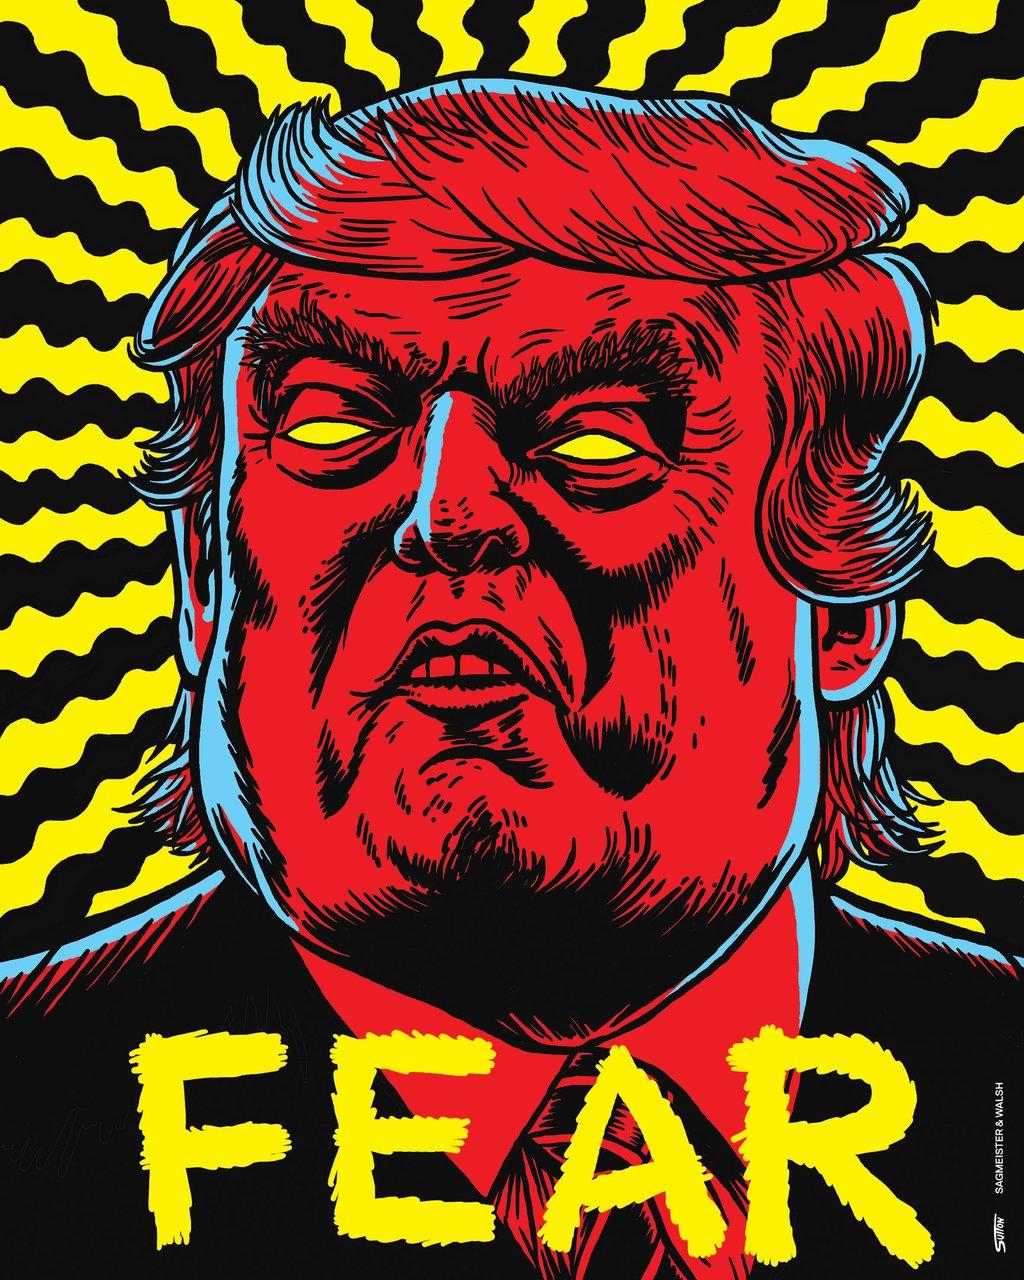 fear_1024x